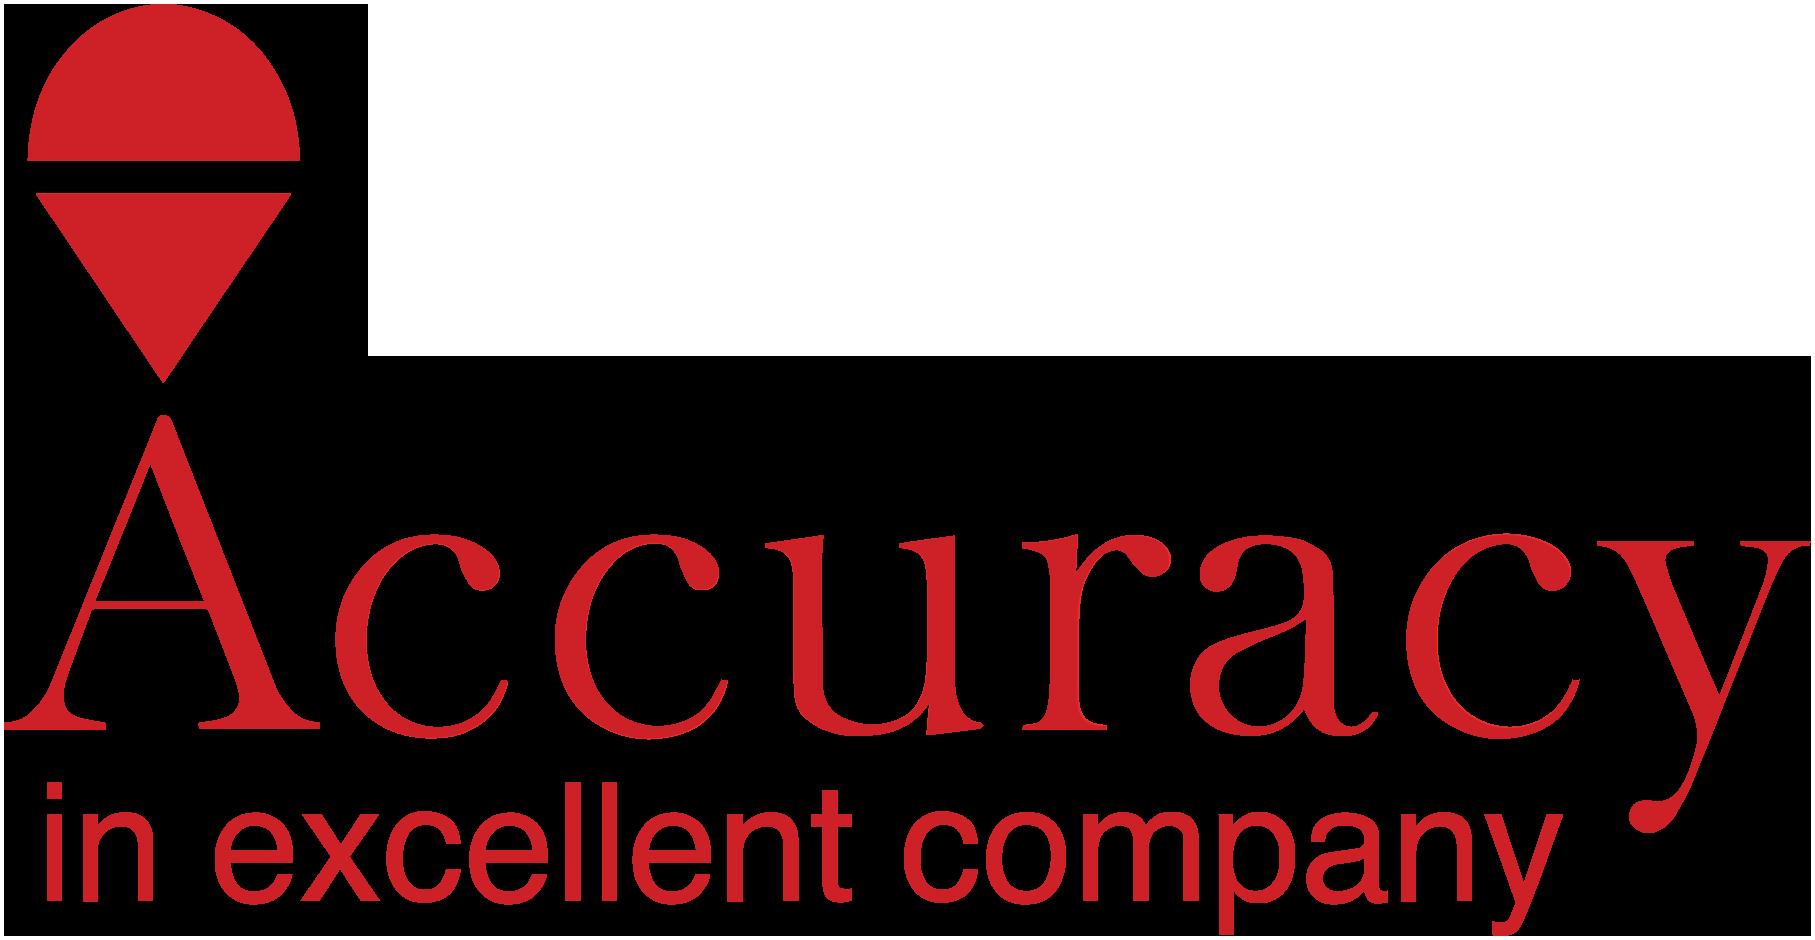 Accuracy logo